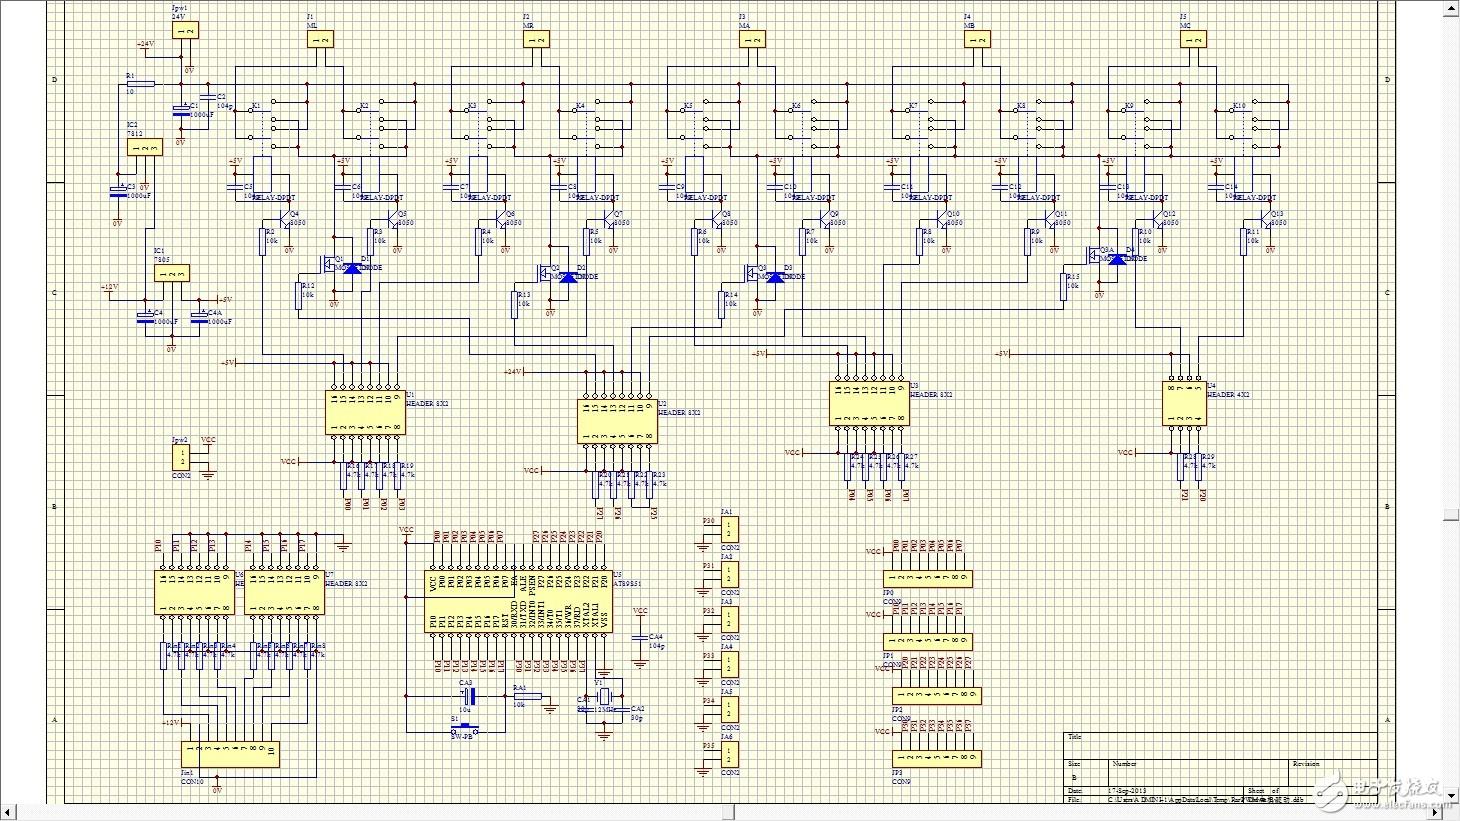 求解这个电路的几个IC分别是什么作用